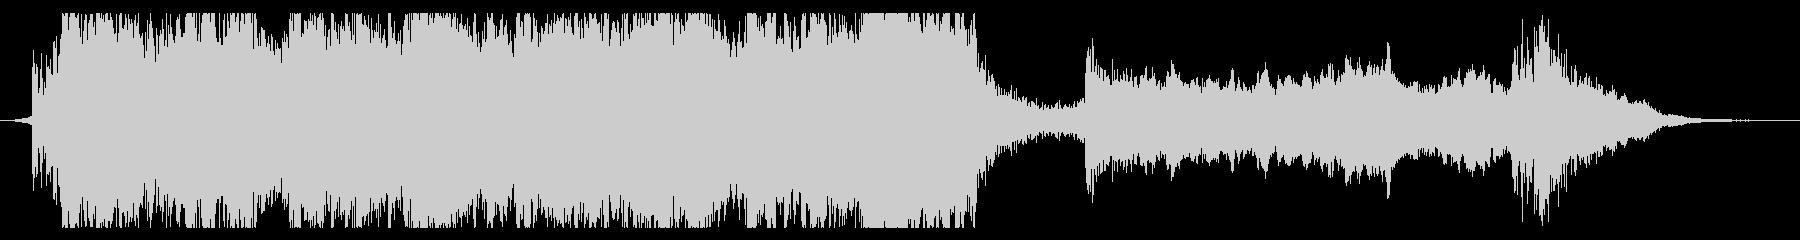 ハリウッド映画風の壮大なオーケストラ7Bの未再生の波形